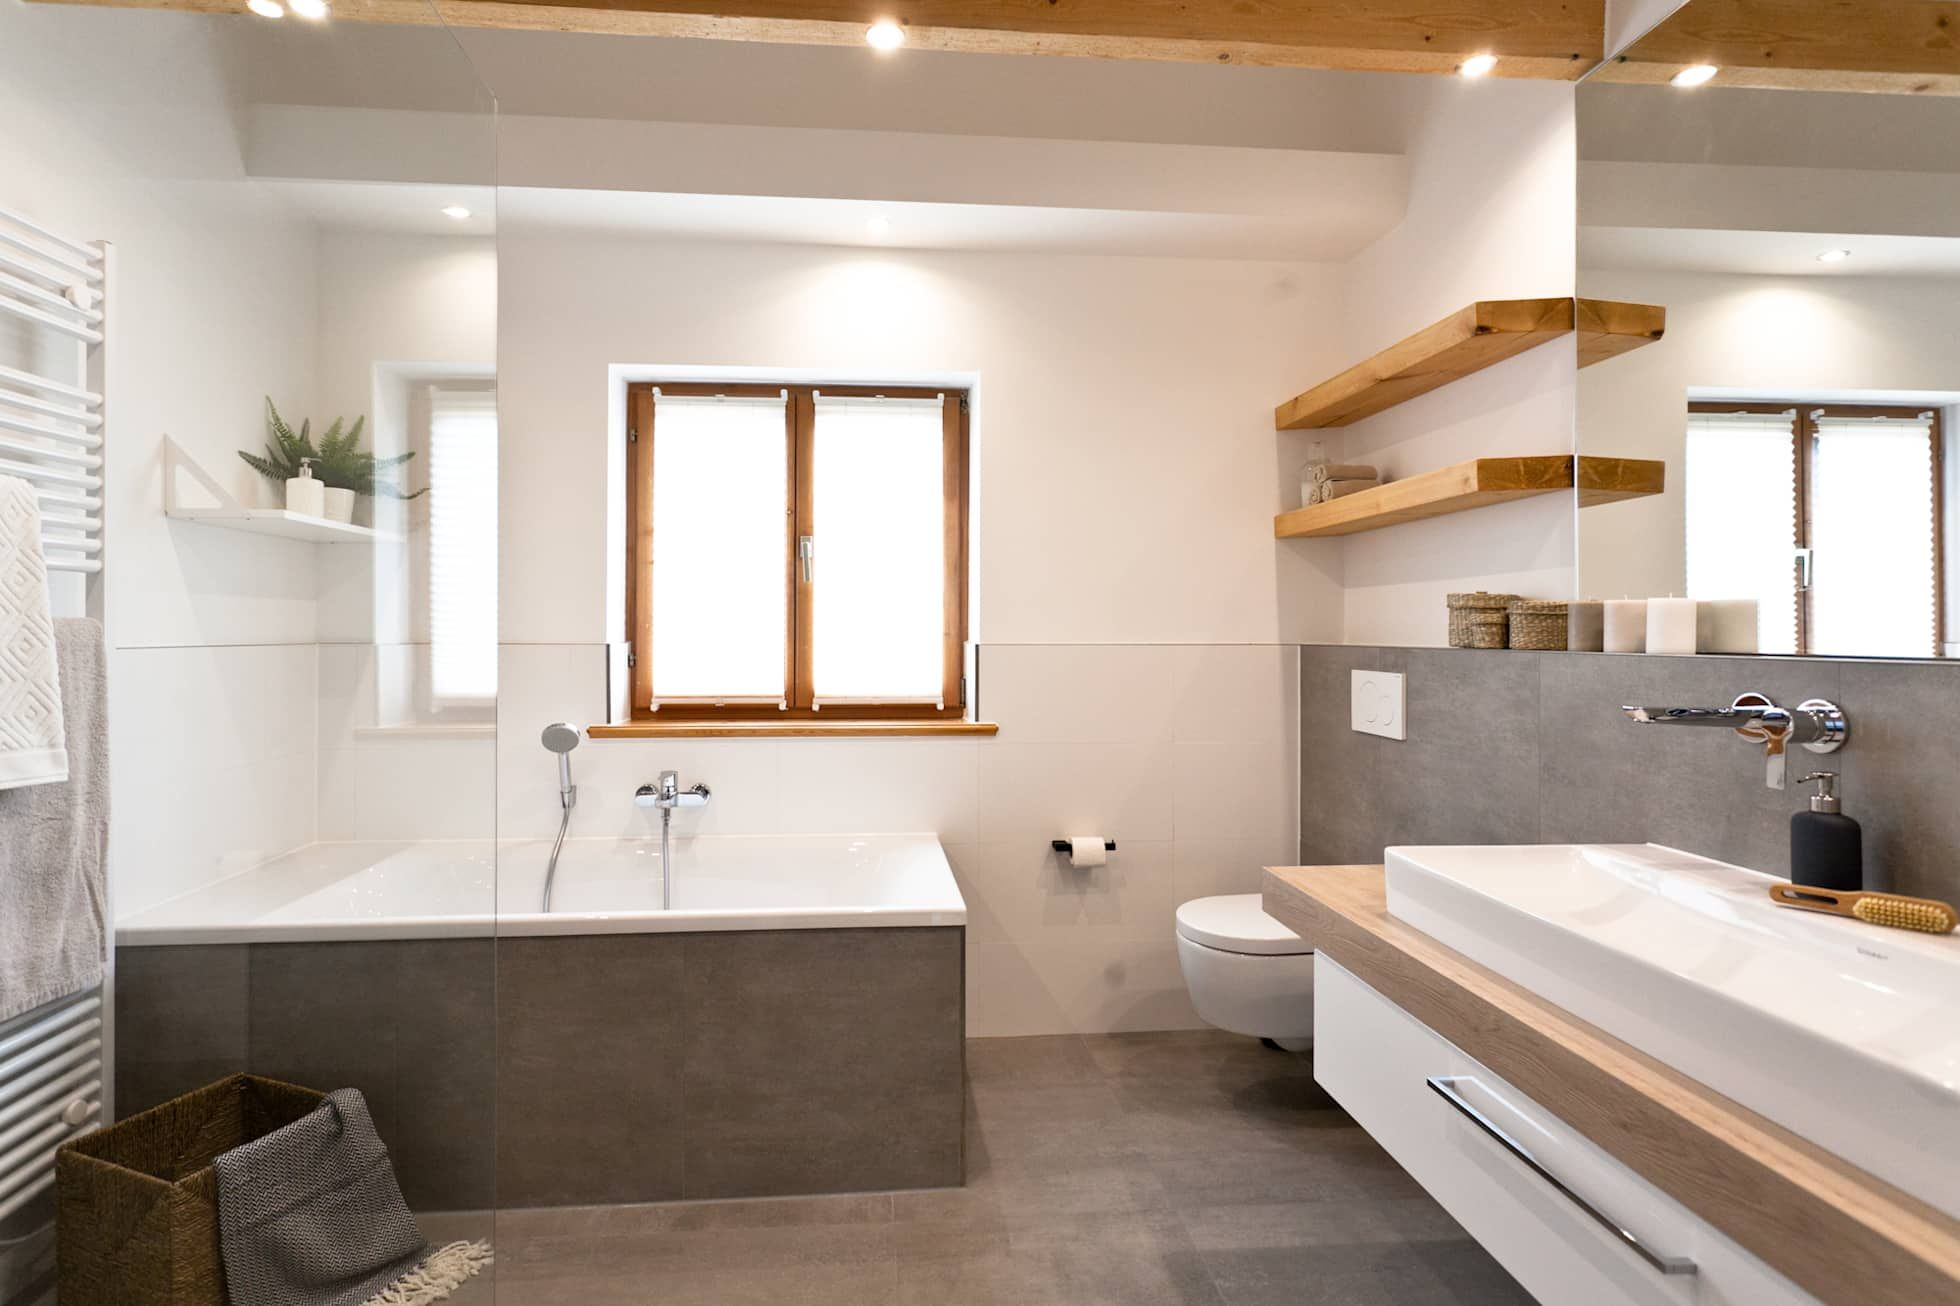 Badezimmer Sanieren Mit Holzboden Waschtisch Barrierefrei